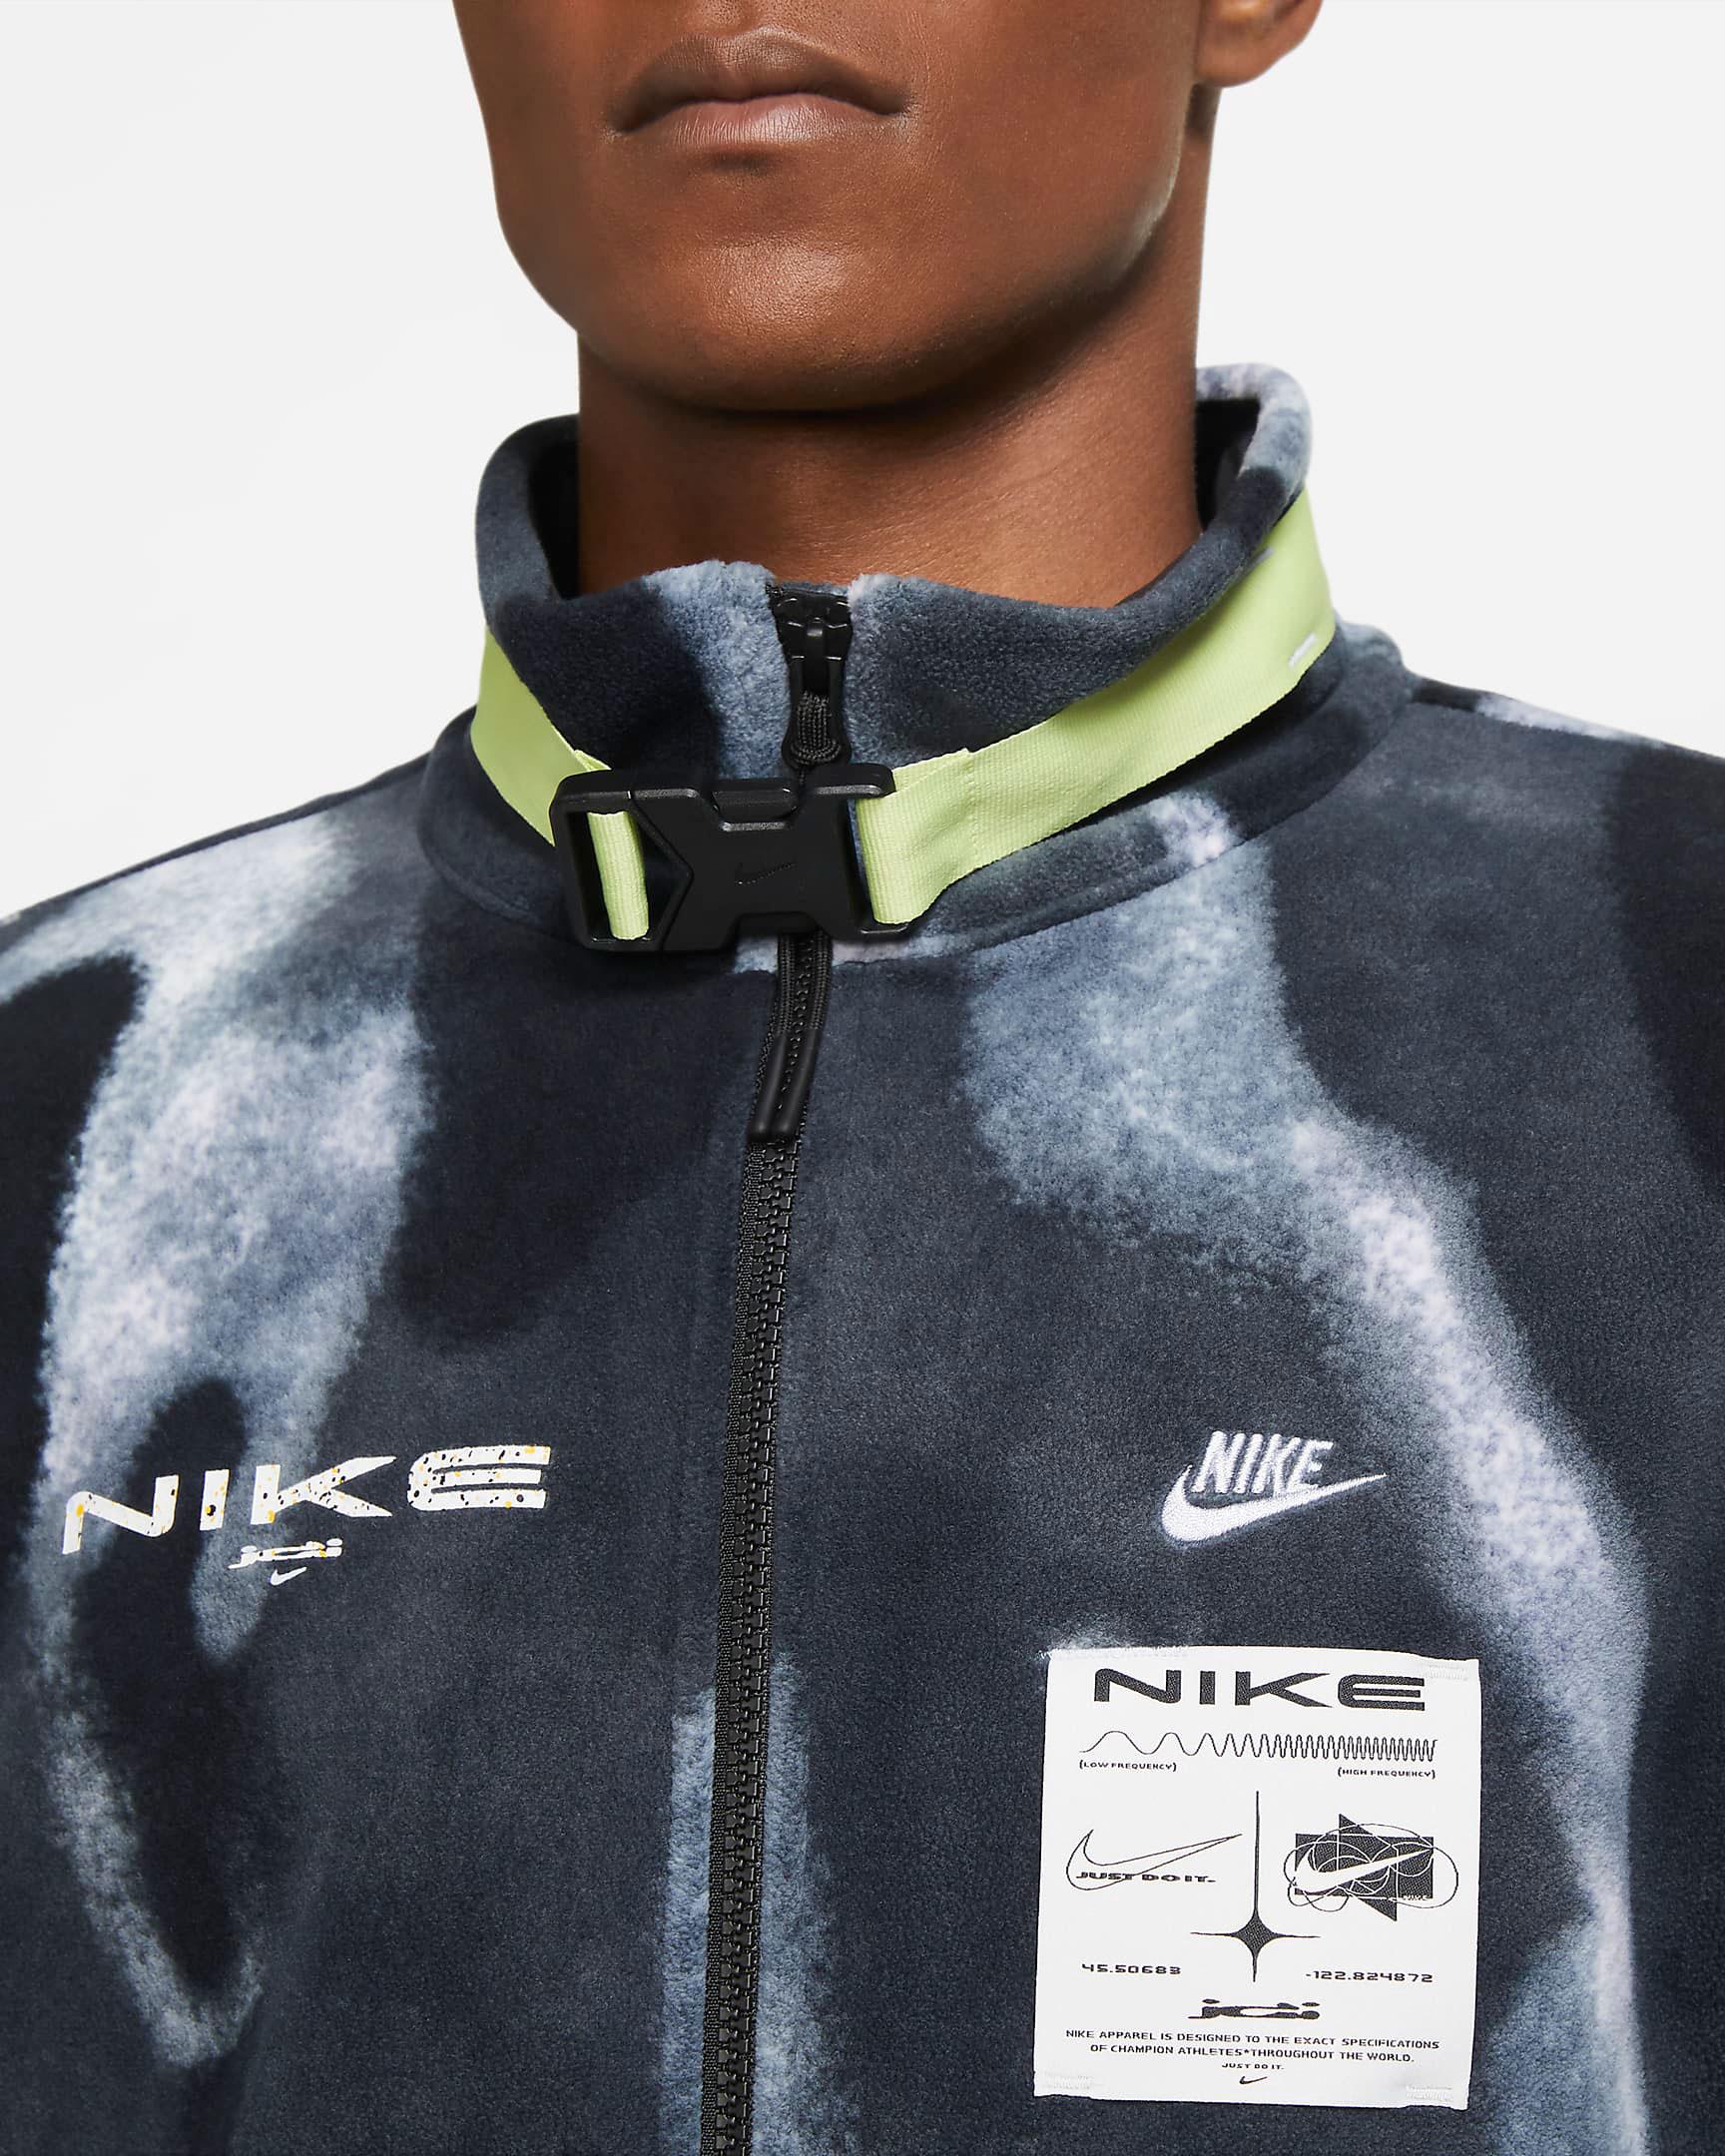 nike-air-max-95-neon-fleece-jacket-2